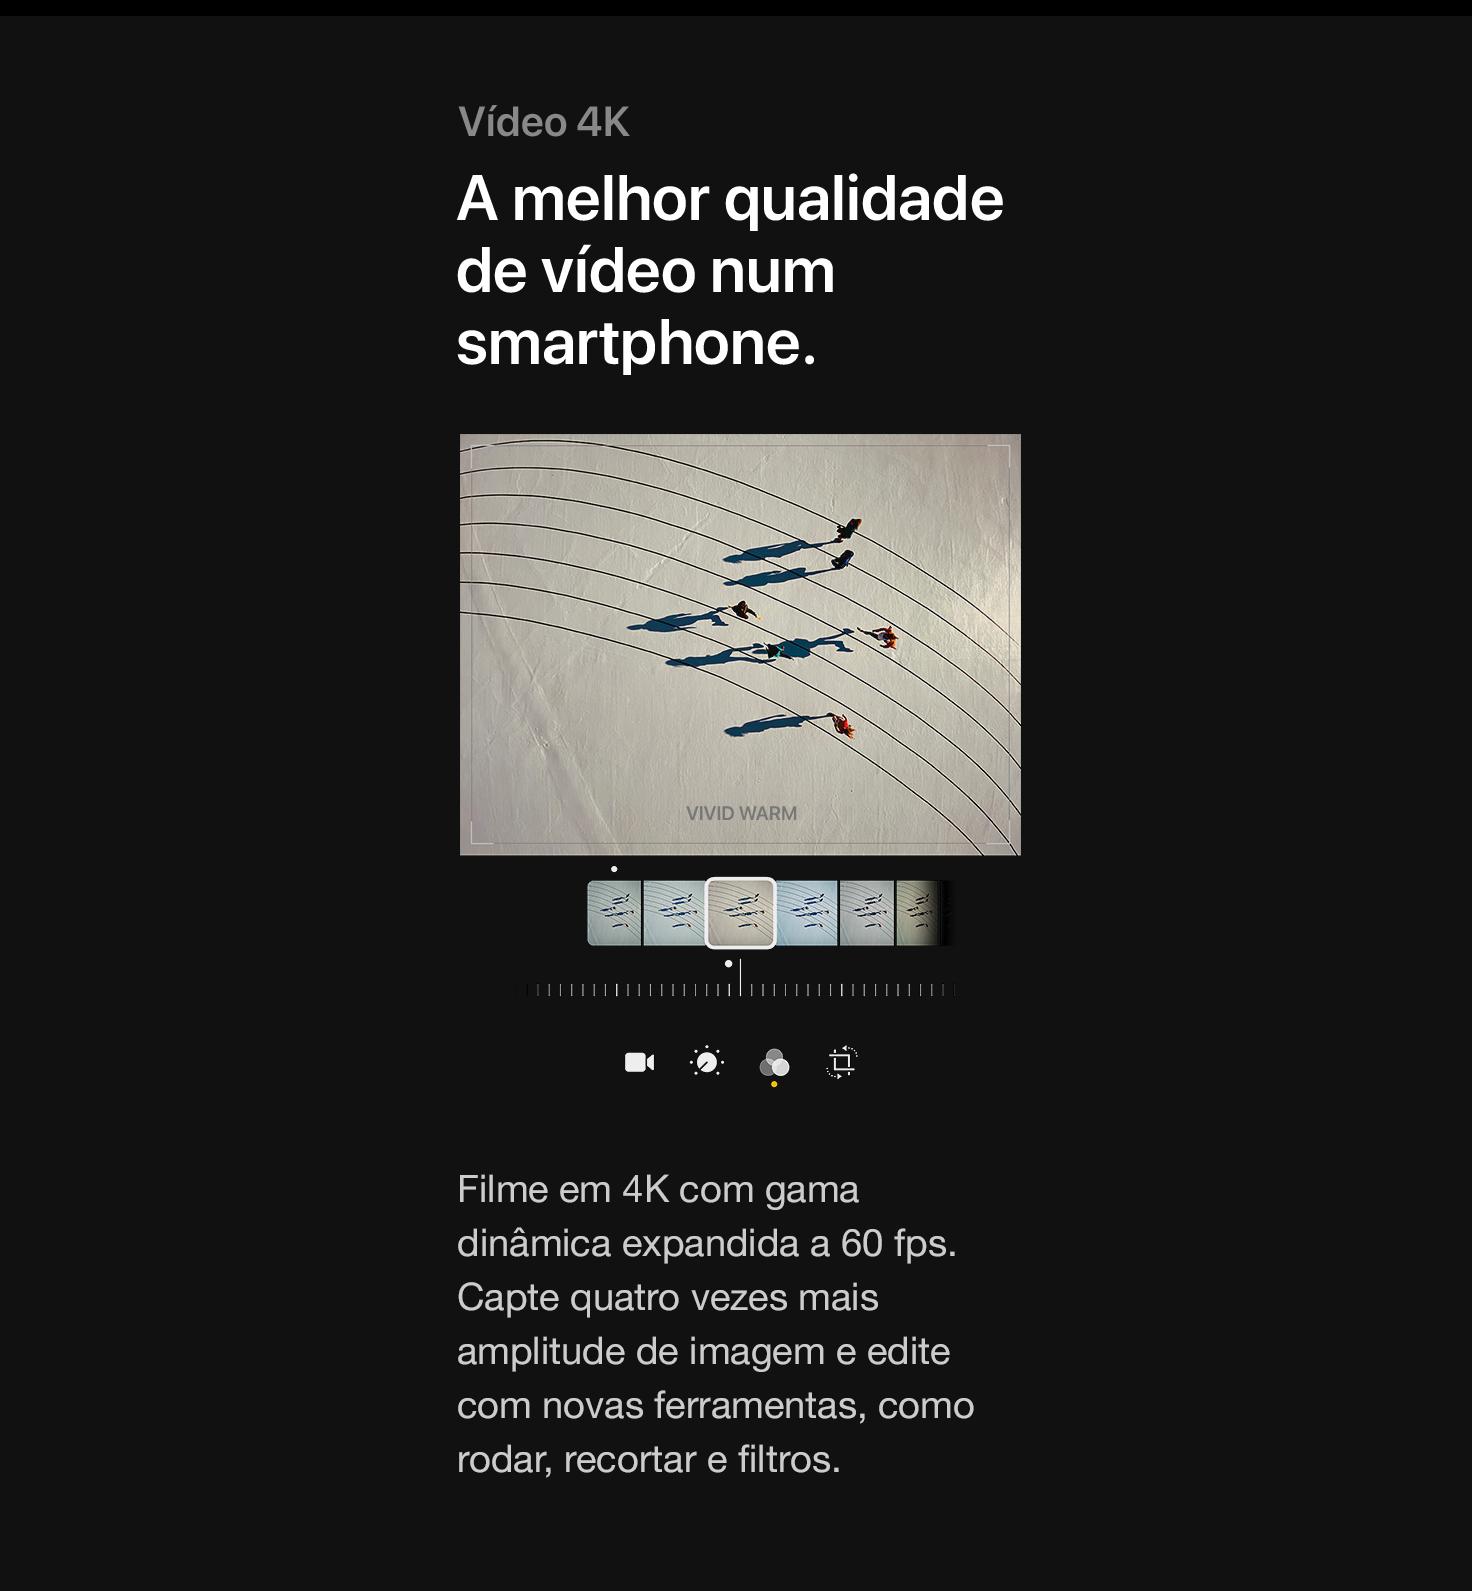 A melhor qualidade de vídeo num smartphone.